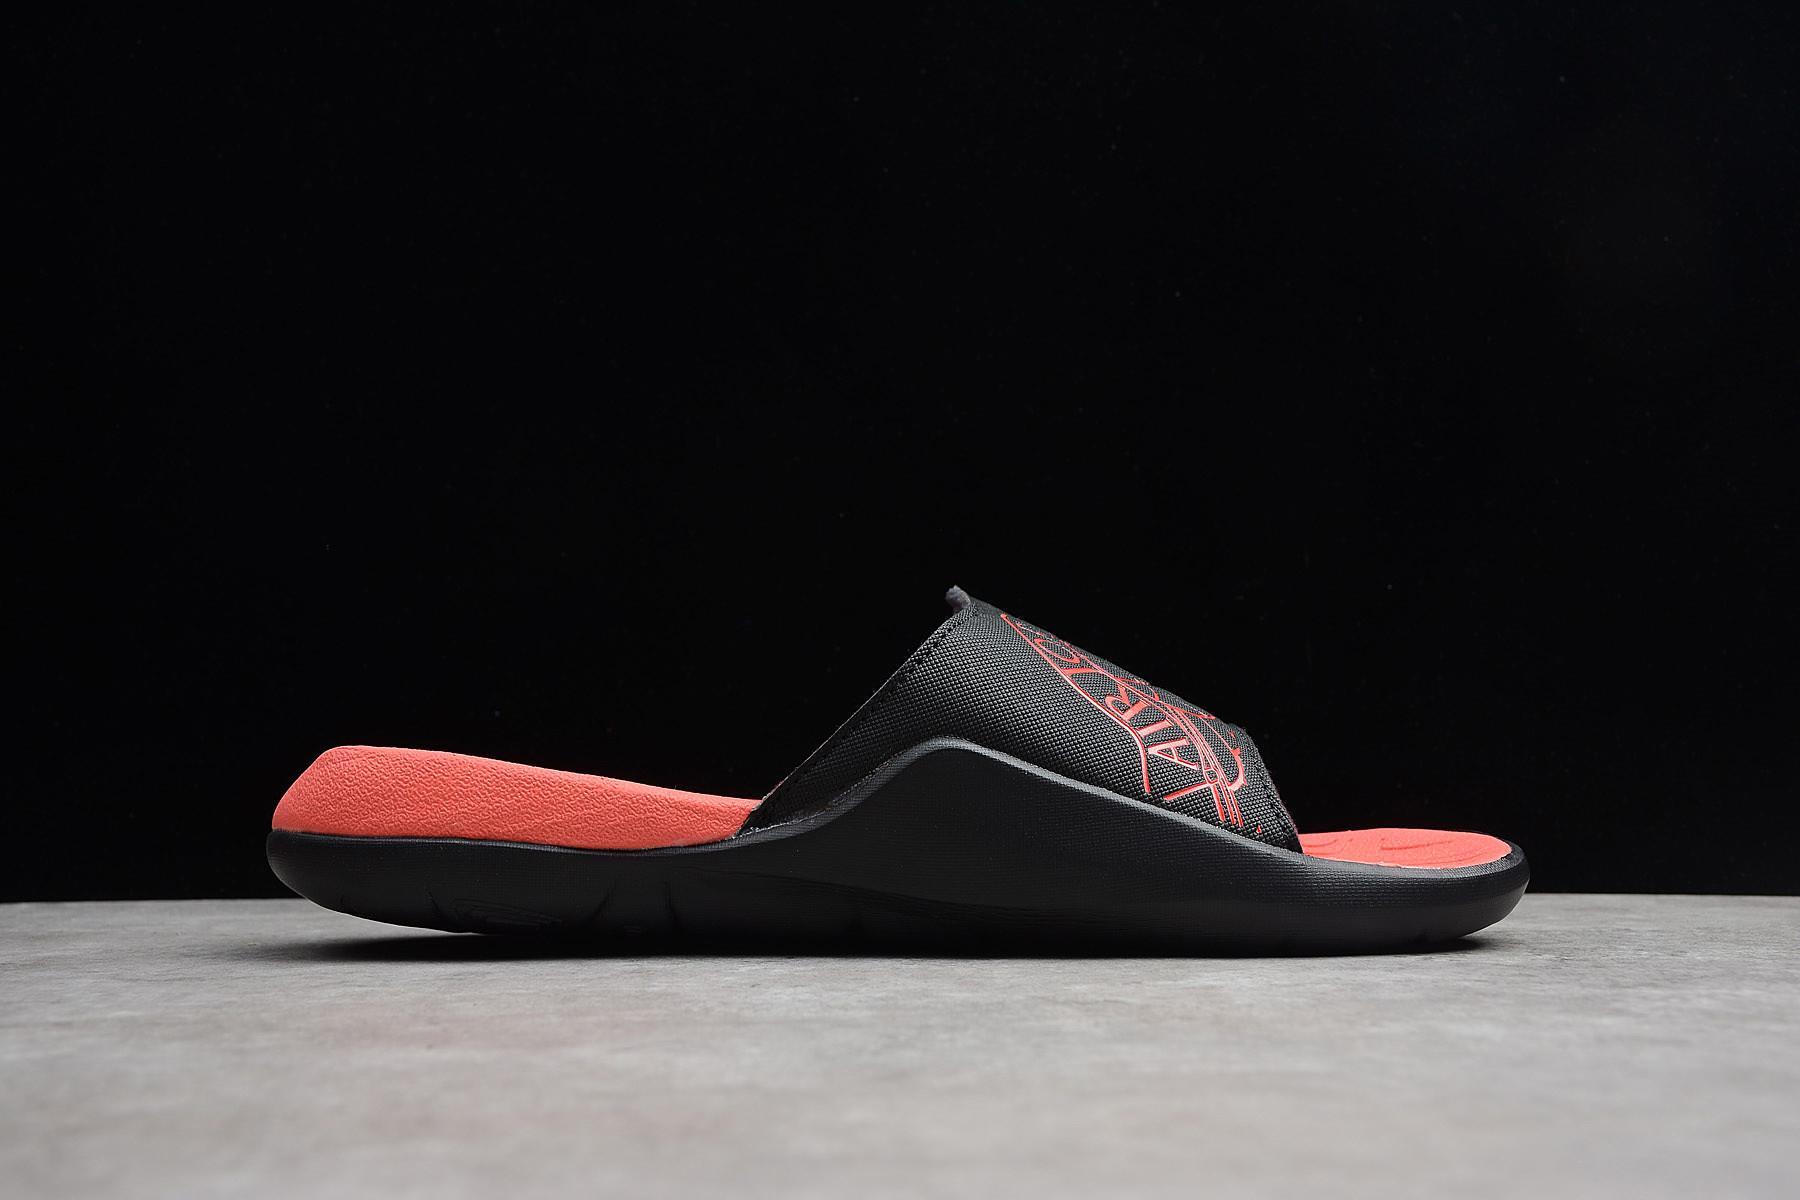 Заказать поиск шлёпанец Jordan Hydro 7 Slide Bred